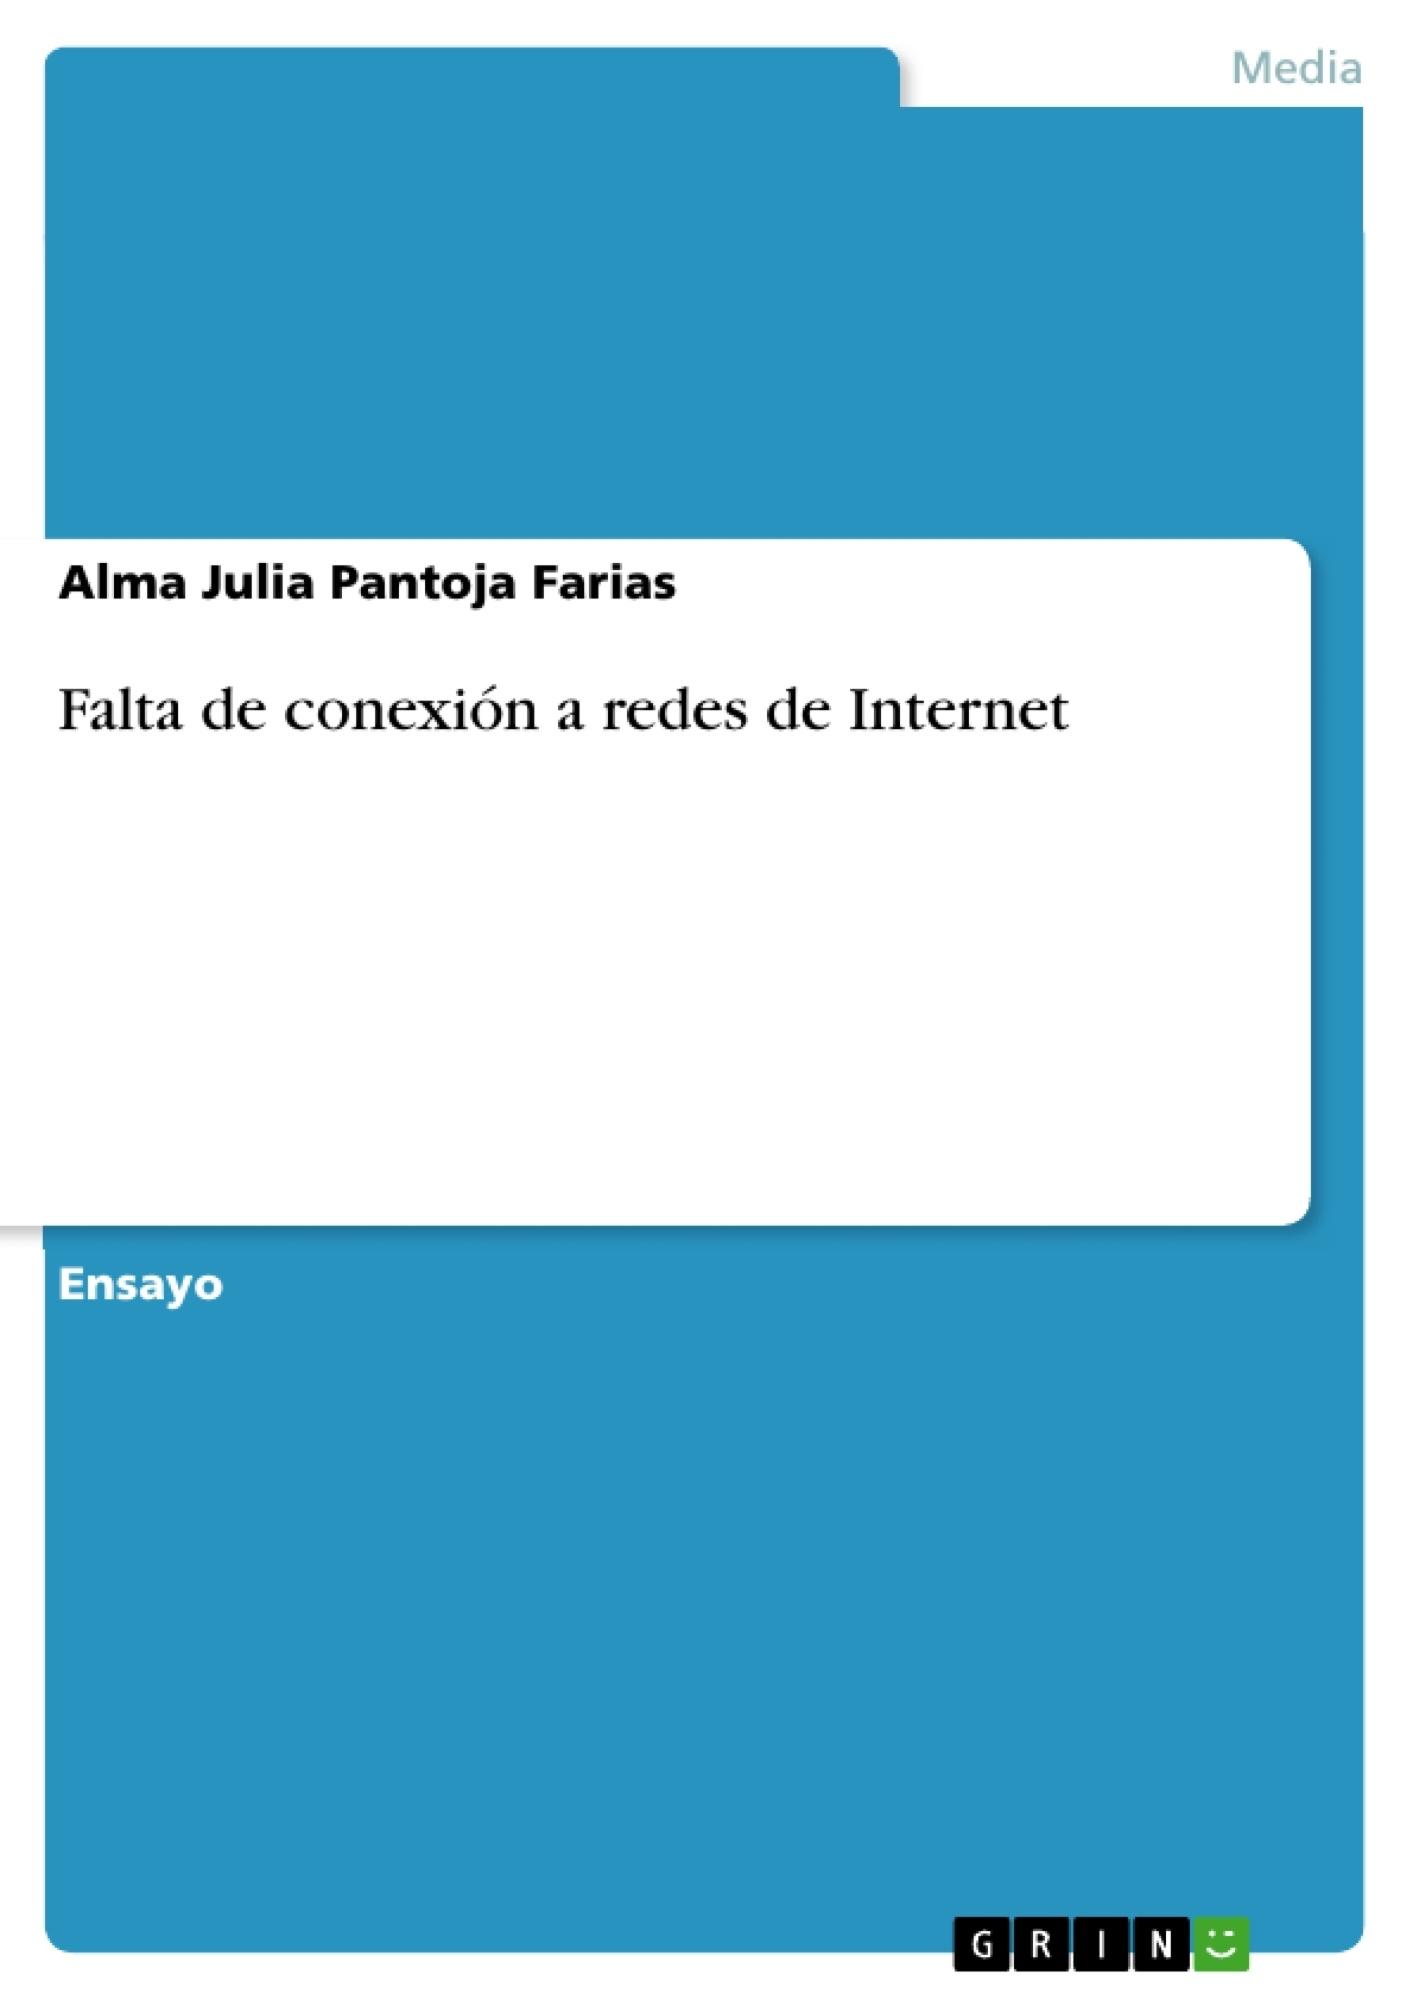 Título: Falta de conexión a redes de Internet